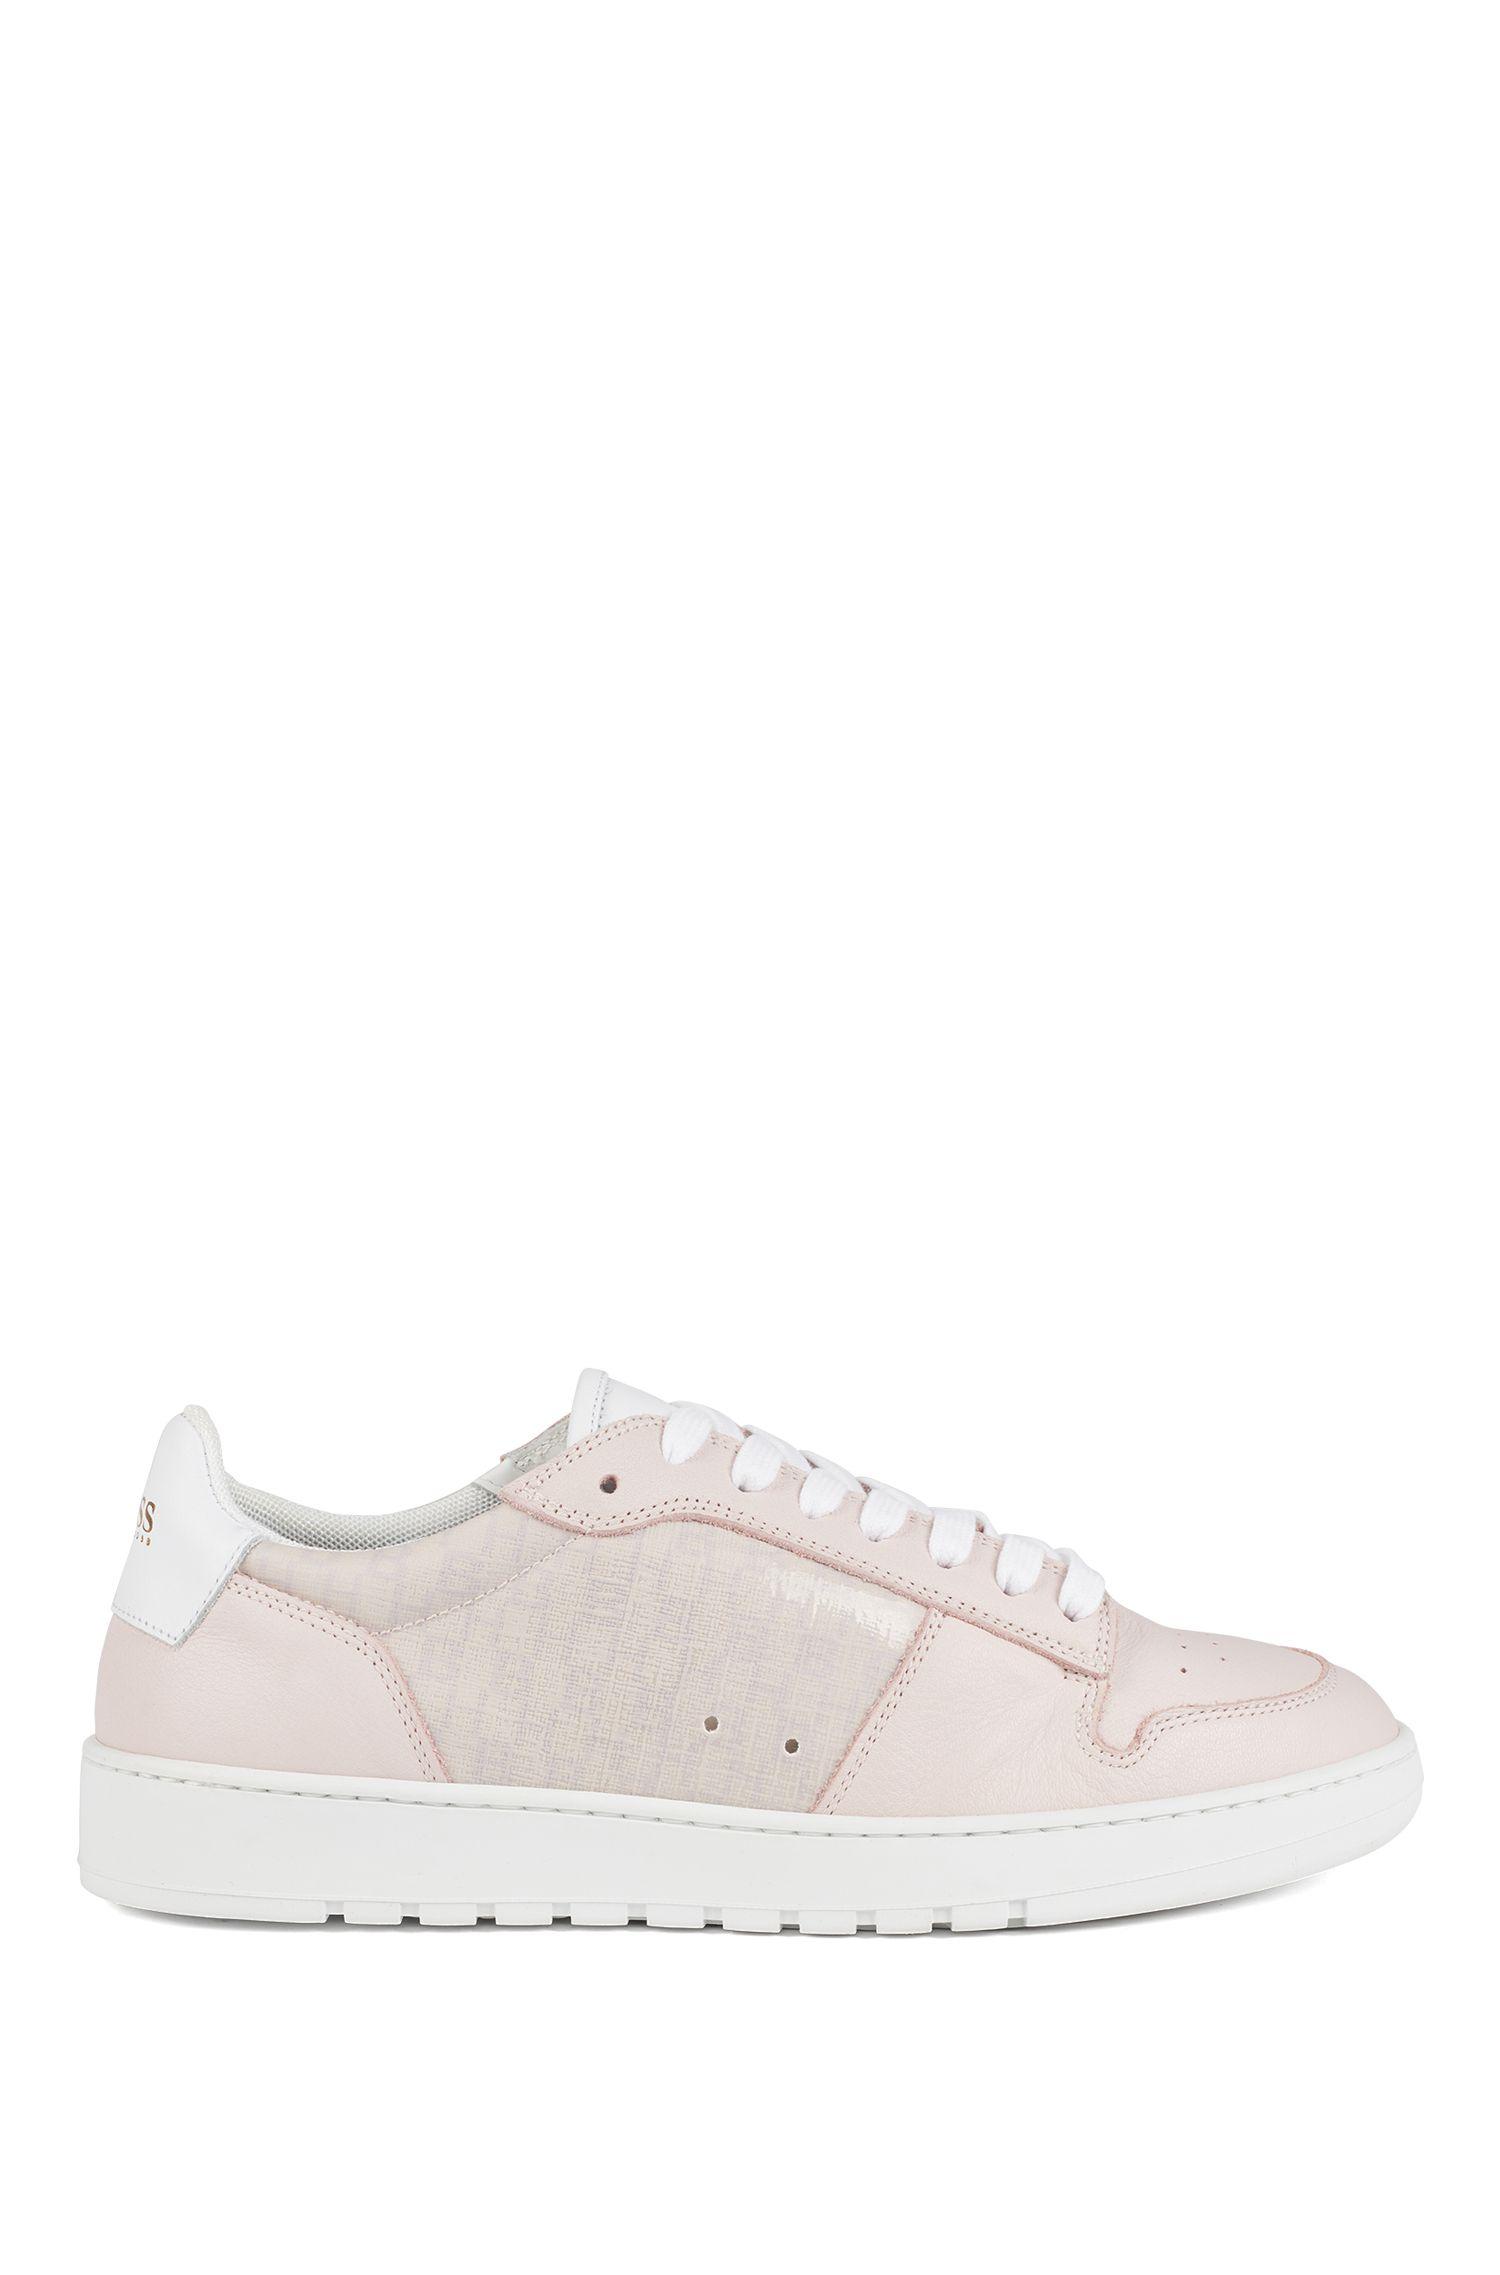 Sneakers in pelle realizzate in Italia con pannelli con monogramma, Rosa chiaro